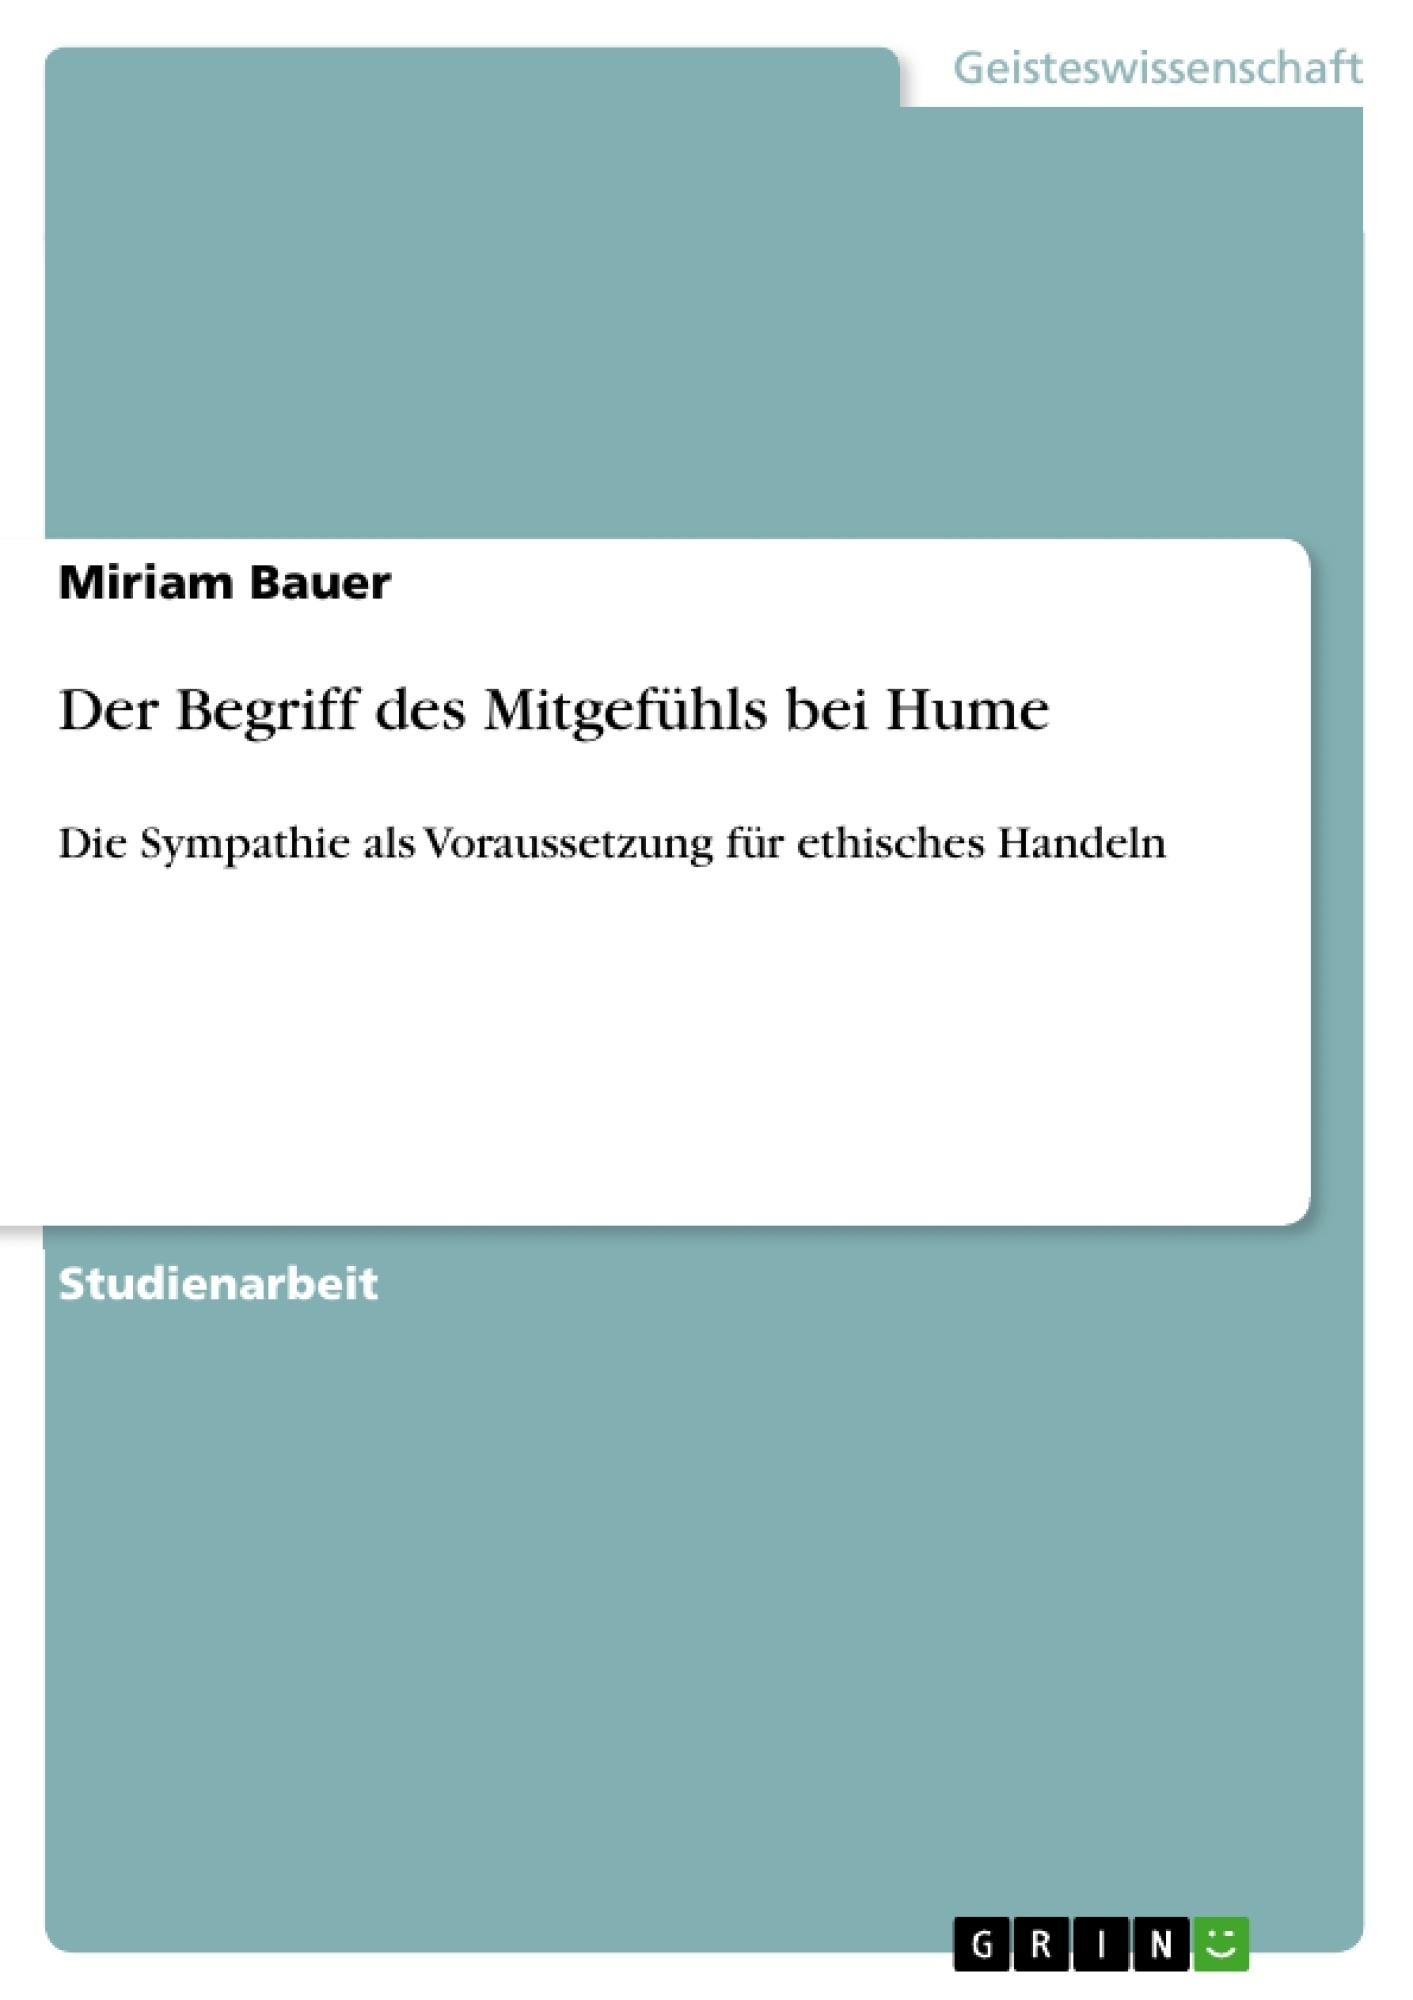 Der Begriff des Mitgefühls bei Hume | Masterarbeit, Hausarbeit ...